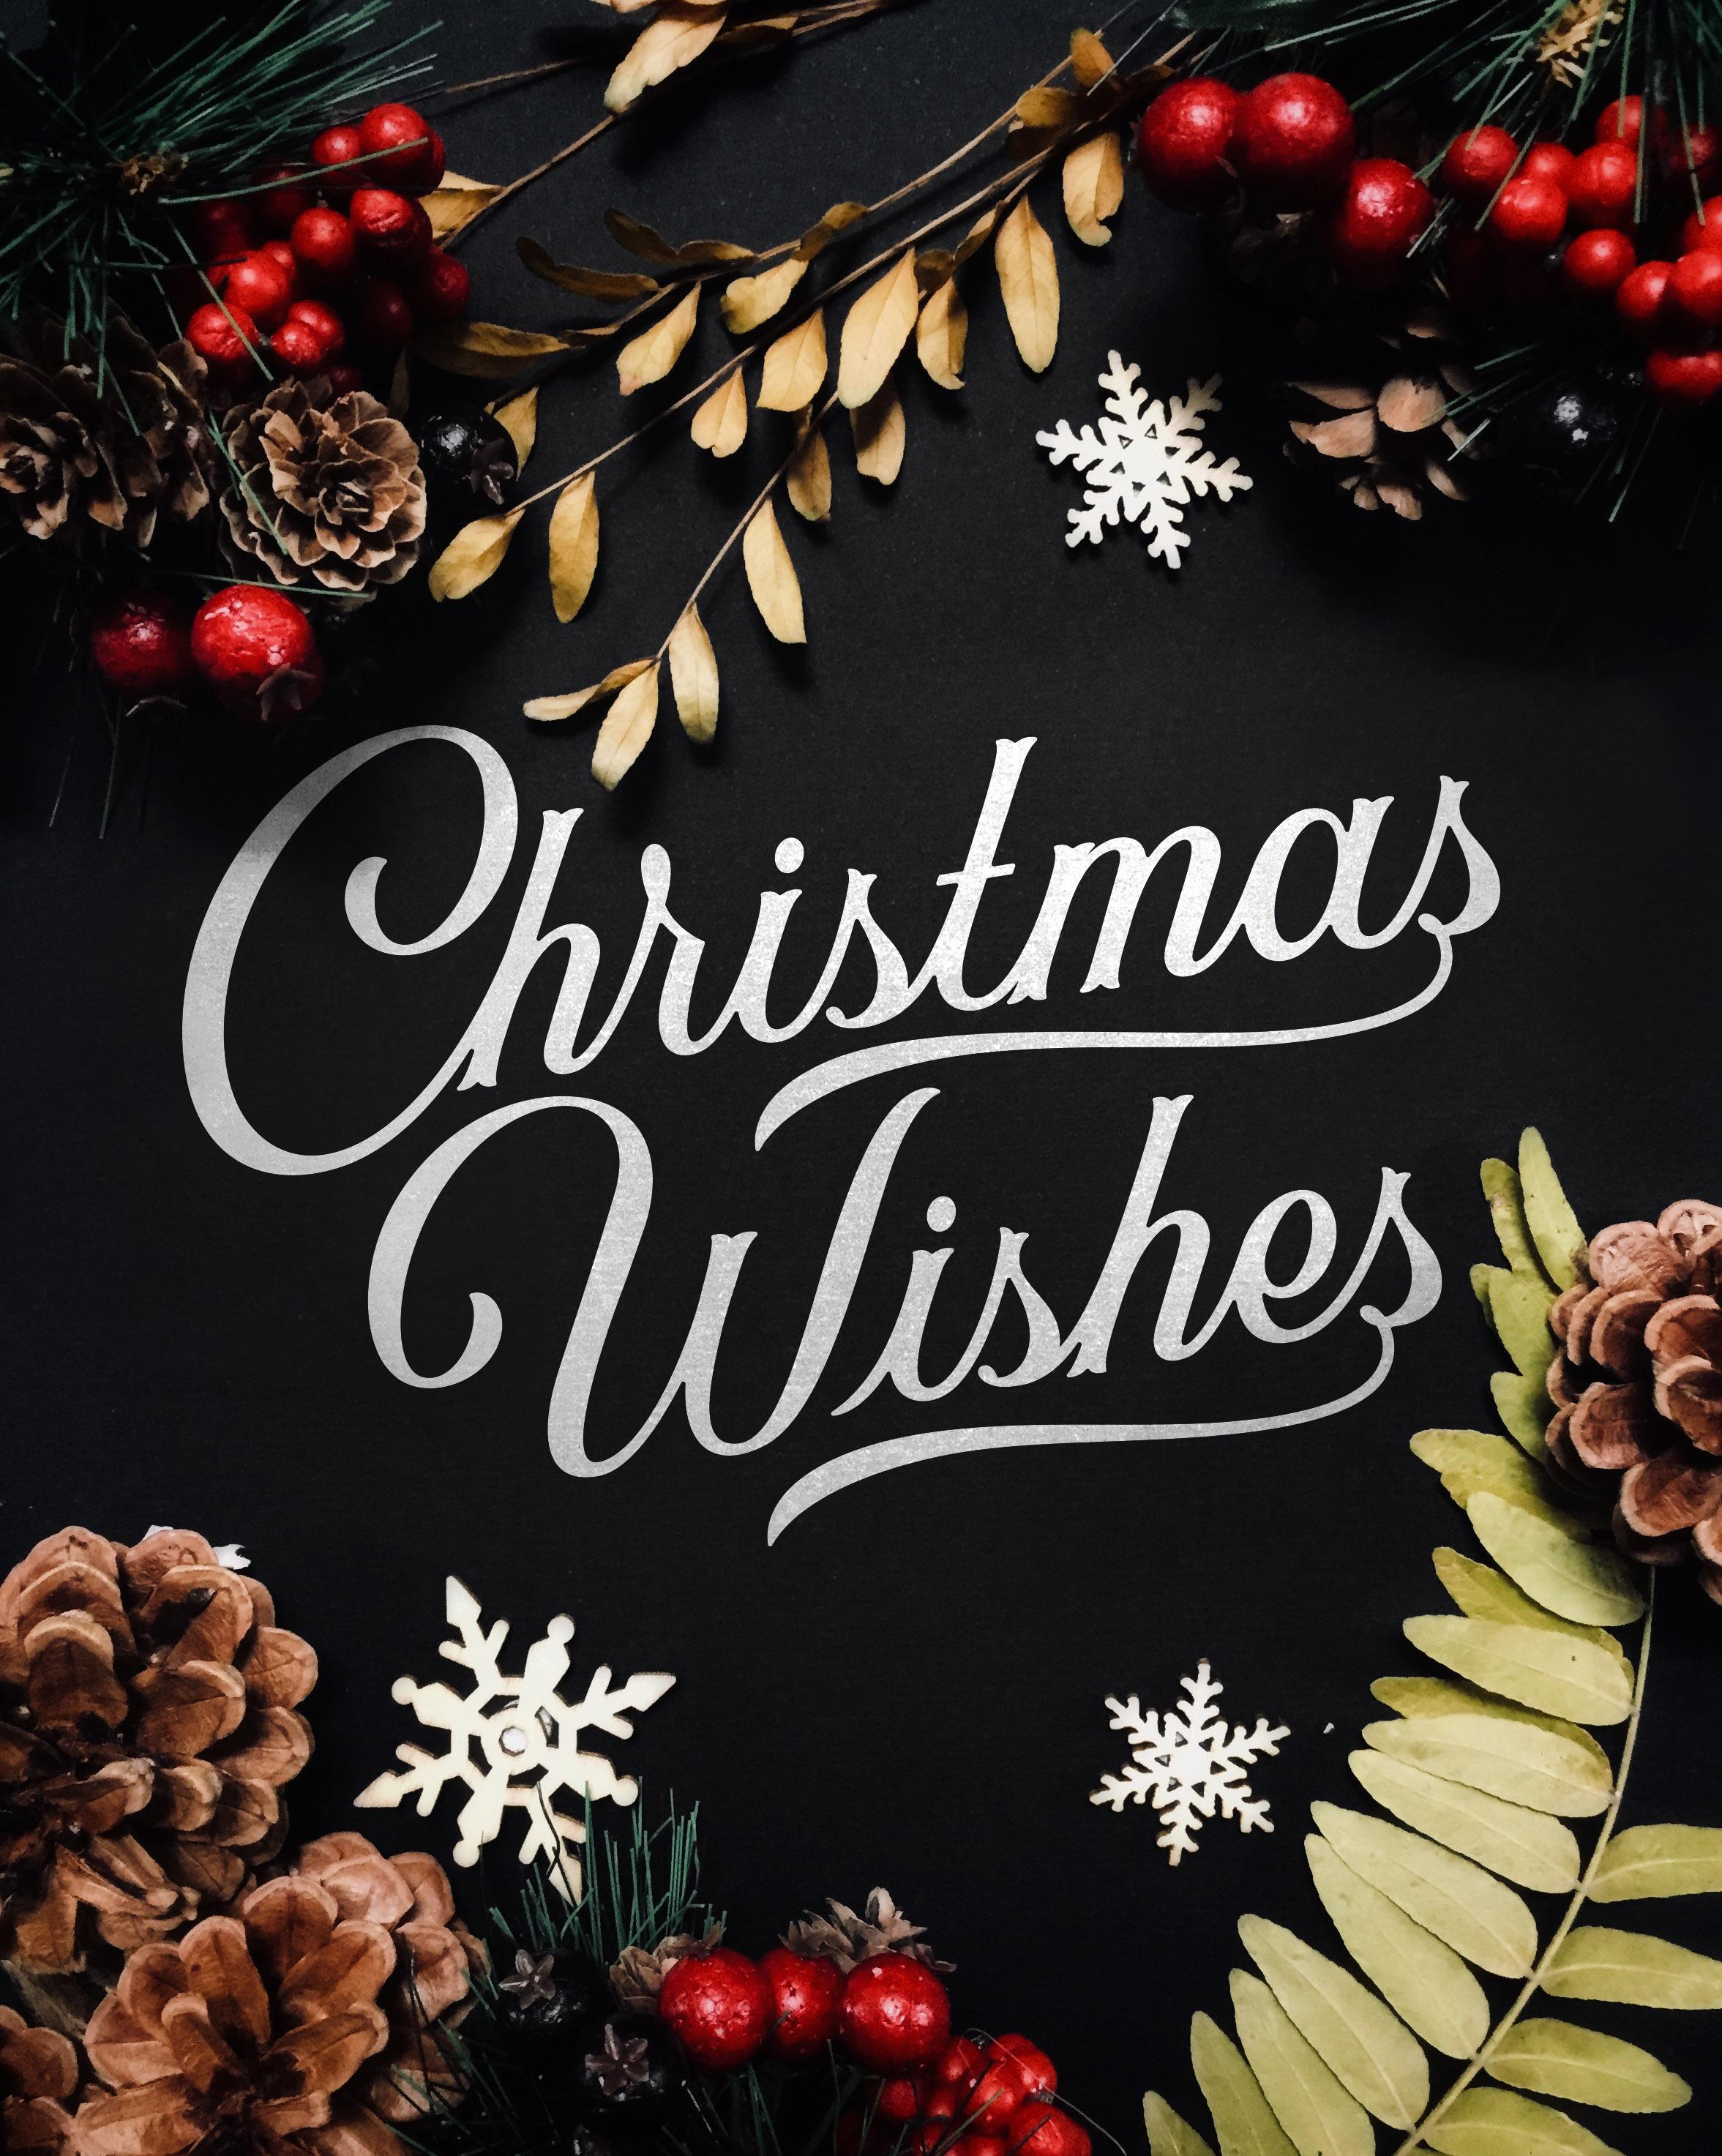 ChristmasWishes_Black_Lo.jpeg